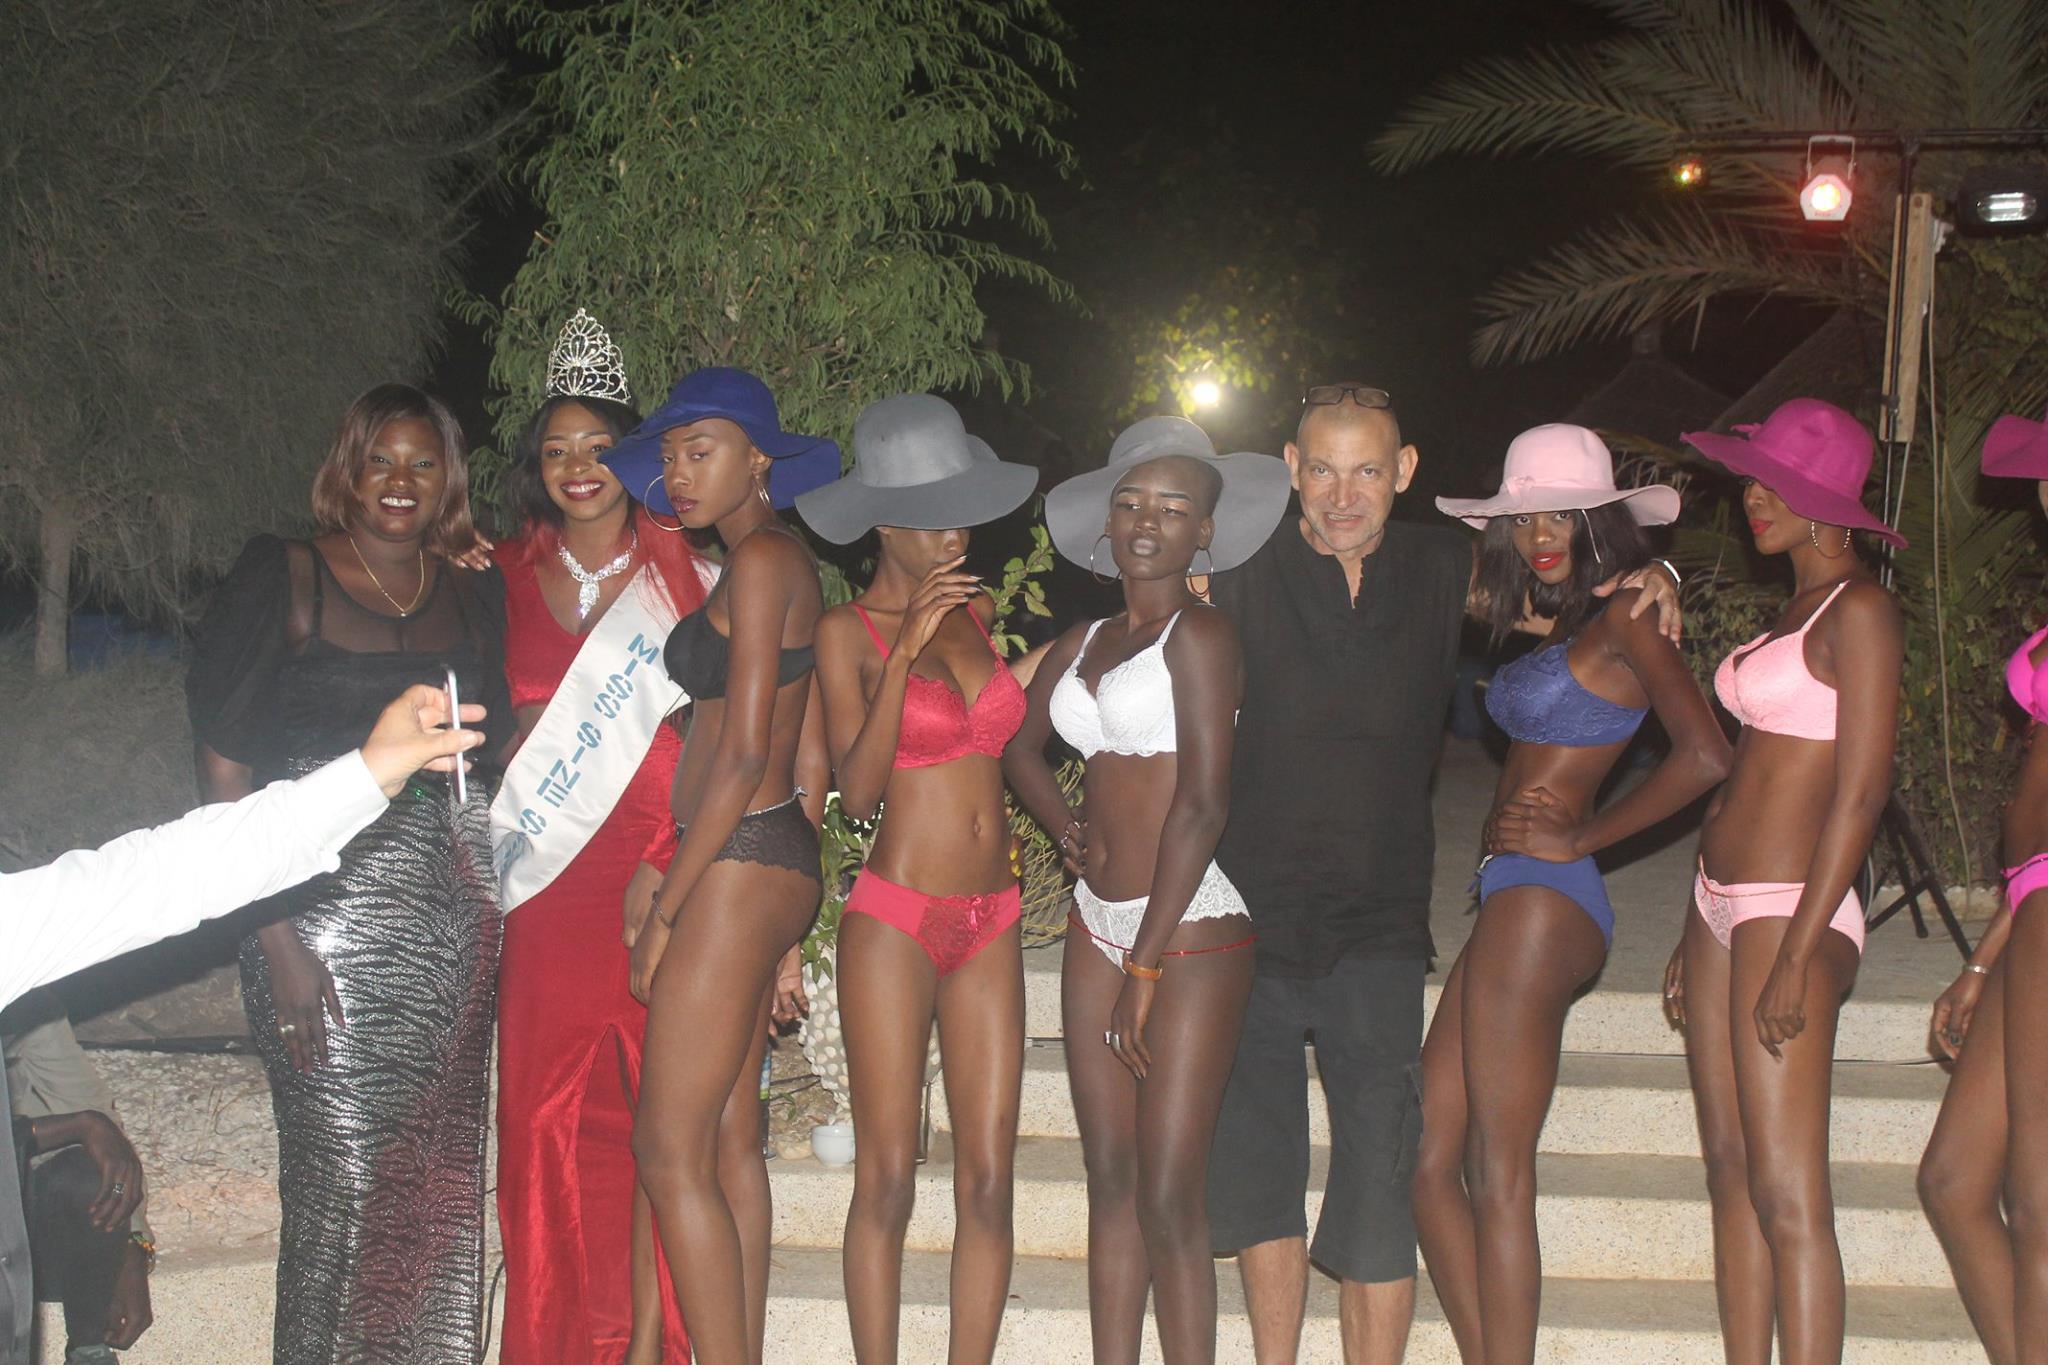 Scandale à Ndangane : Le comité de défense des valeurs morales au Sénégal s'indigne et menace de fermer l'hôtel ayant abrité le défilé « érotique »